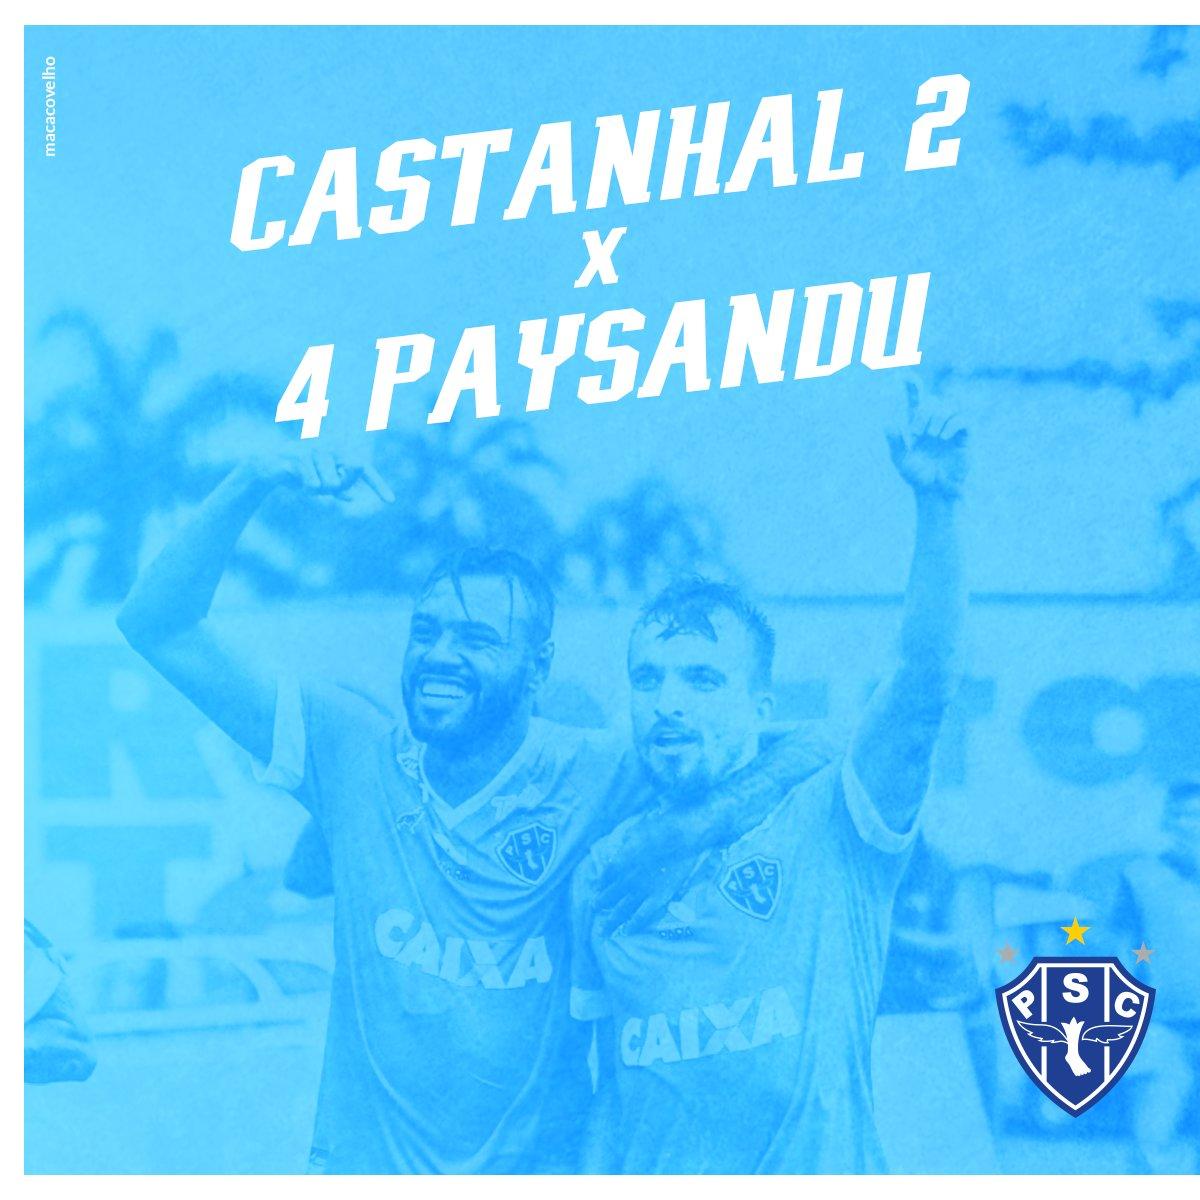 Castanhal